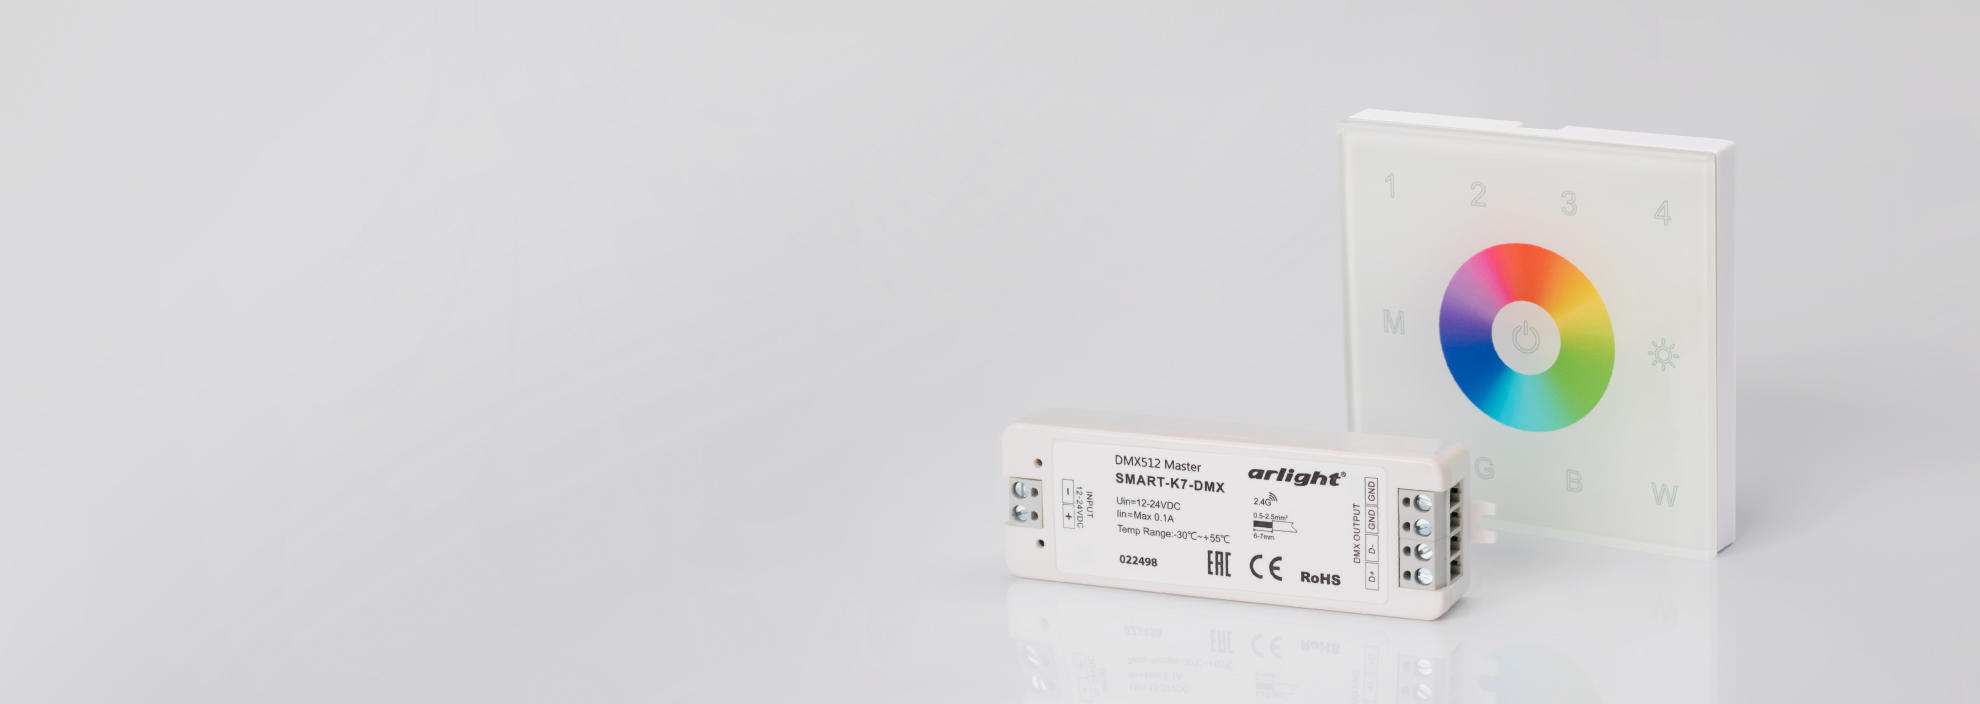 Компактное и надежное DMX-оборудование серии SMART добавит ярких моментов в жизнь любого заведения!